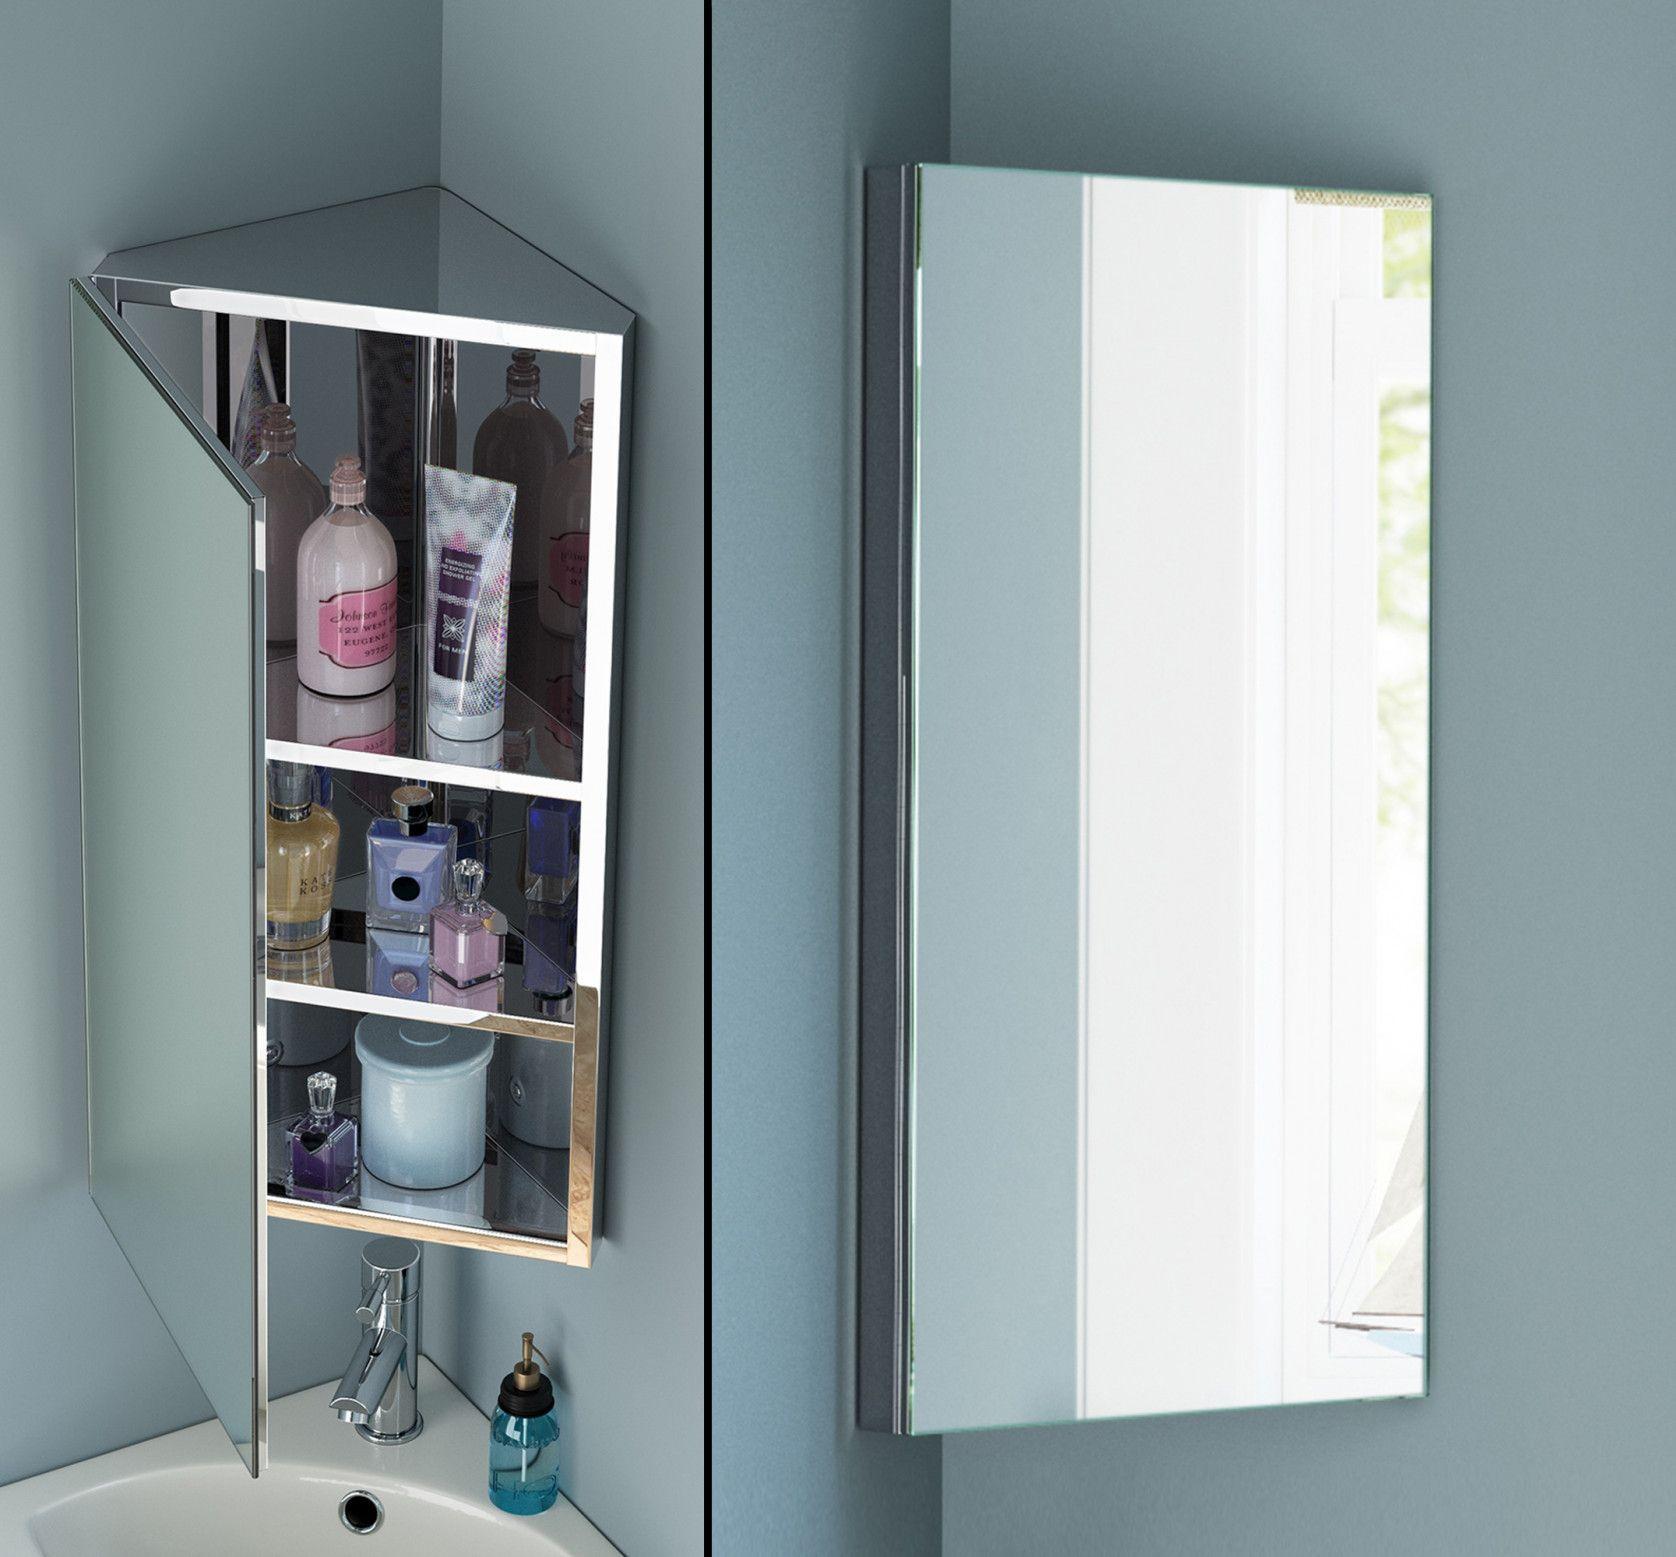 77+ Bathroom Corner Mirror Cabinet - Kitchen Shelf Display Ideas ...